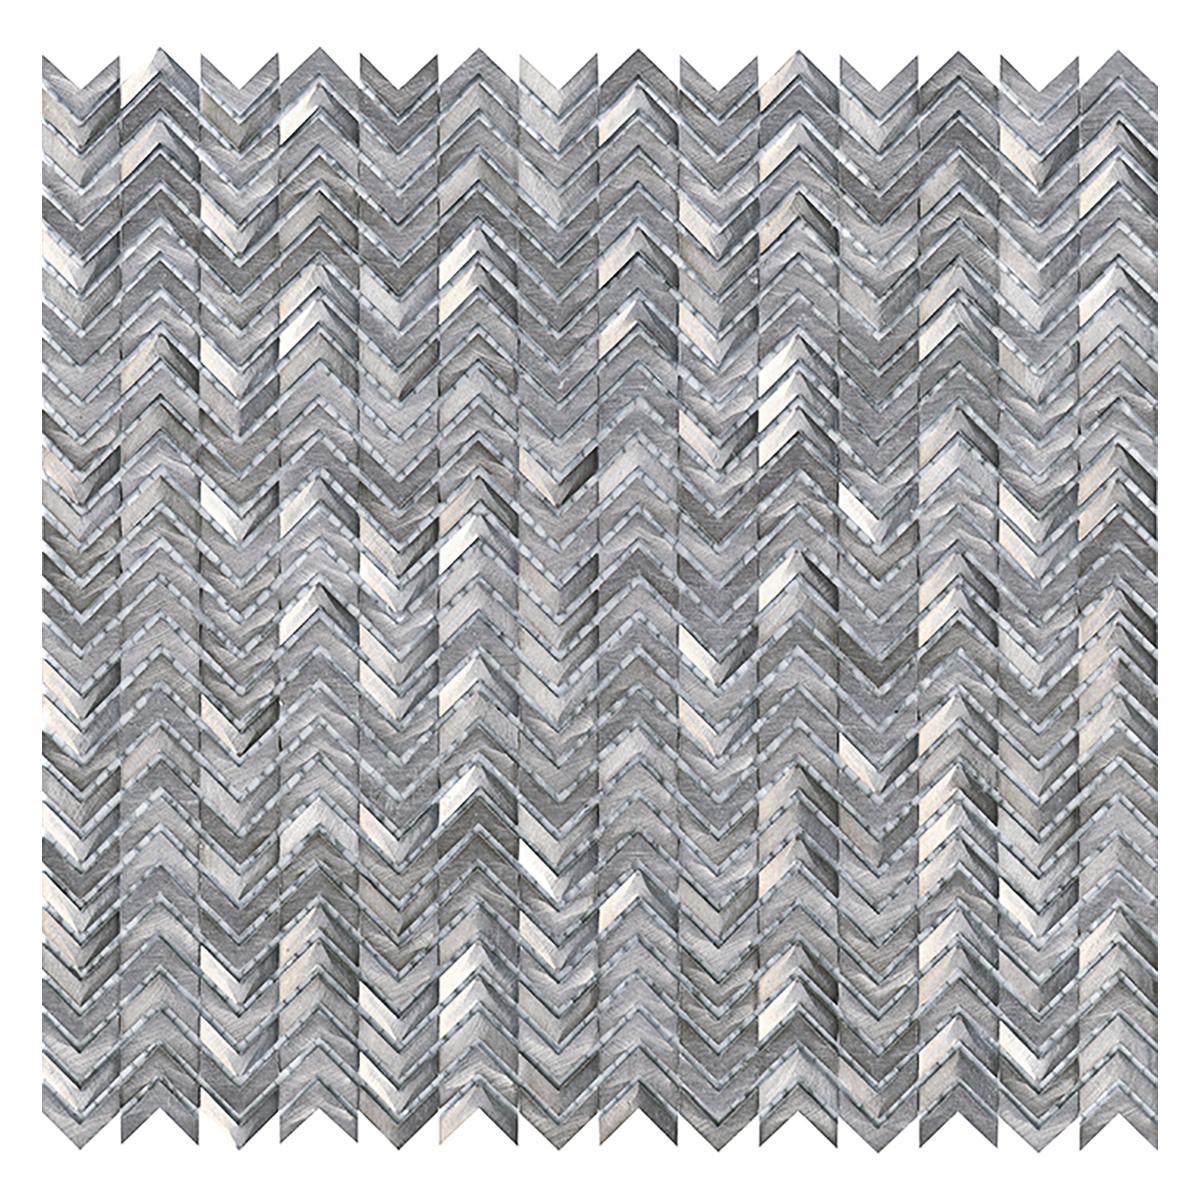 Mosaico Gravity Plateado Brillante - 29.8X30 cm - 1 pza